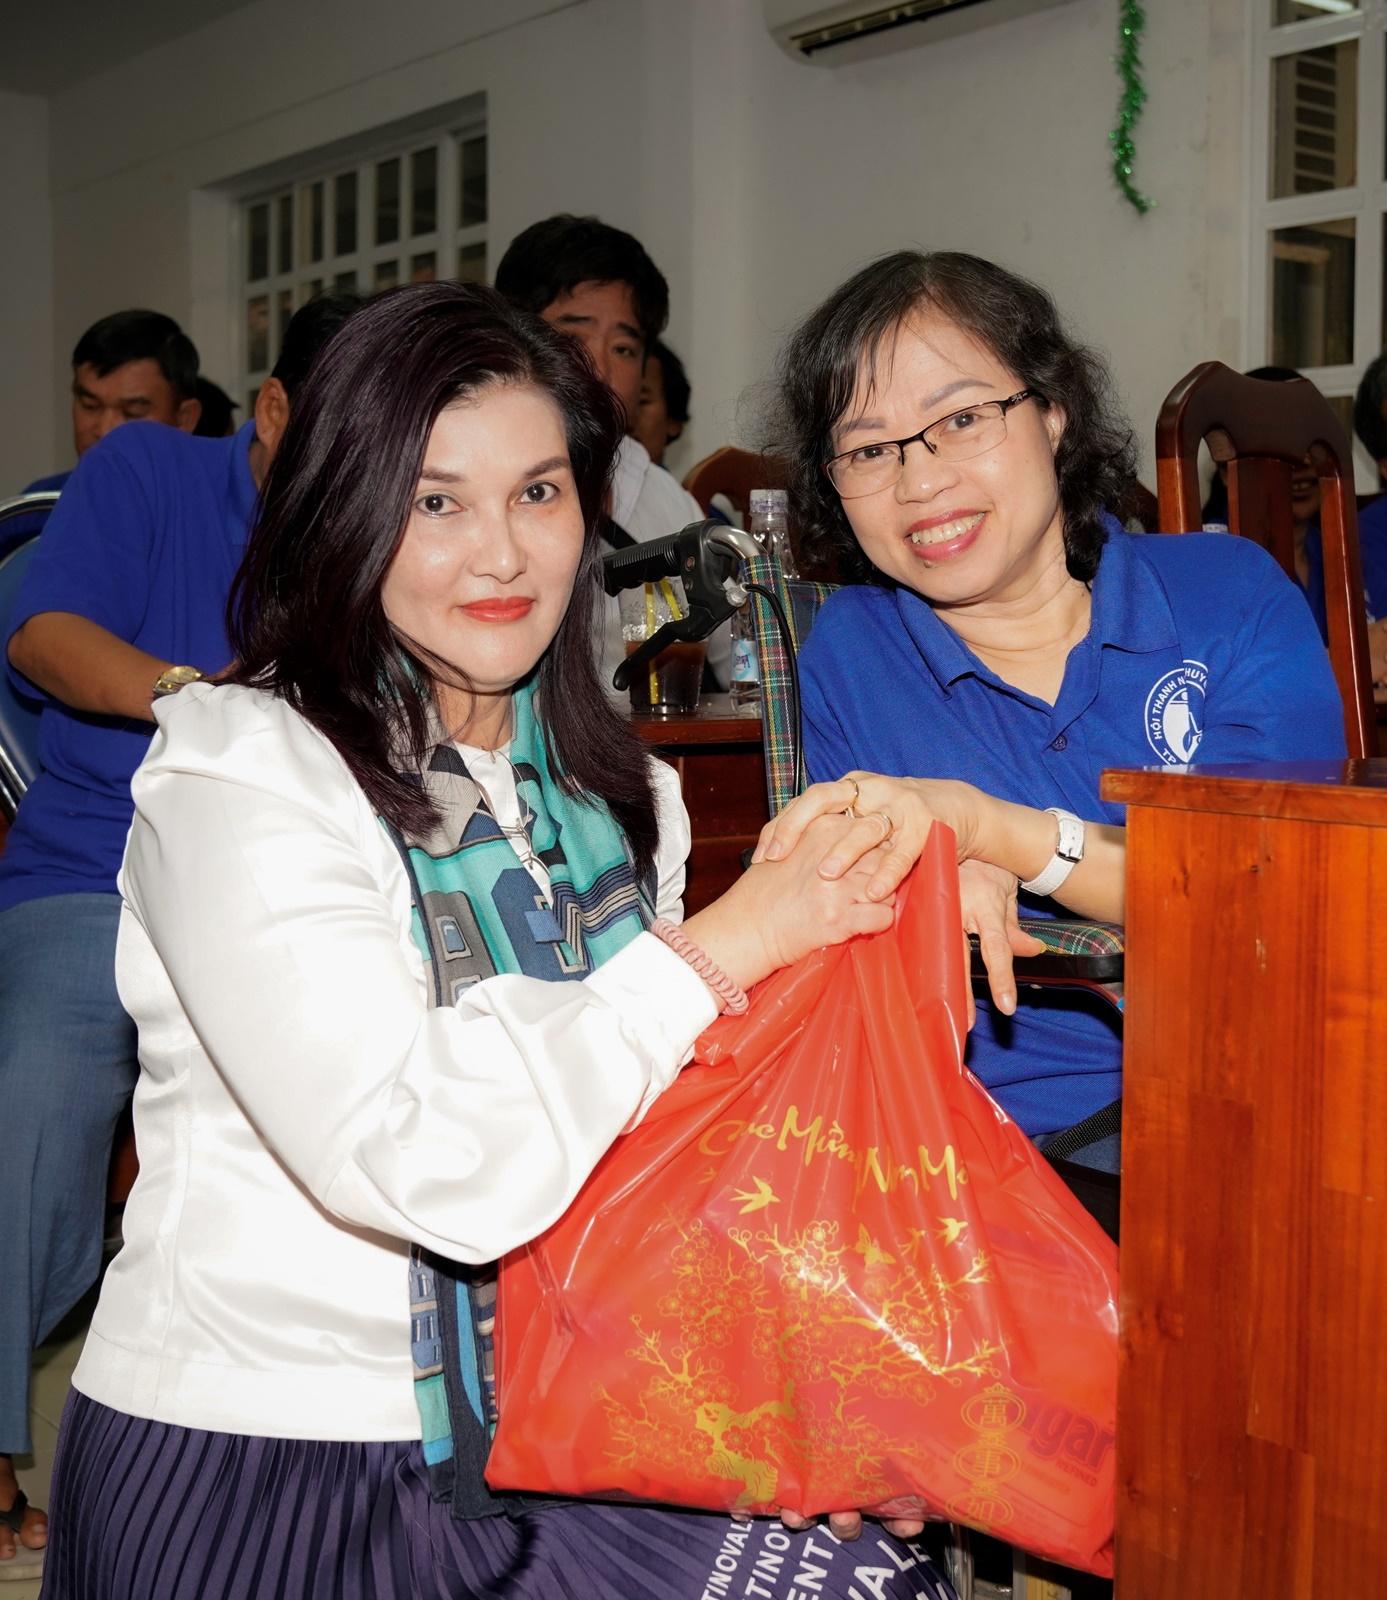 Bà Hồ Ngọc Yến Phương trao tận tay những món quà thiết thực cho các tấm gương nghị lực phi thường. Ảnh: Vietjet